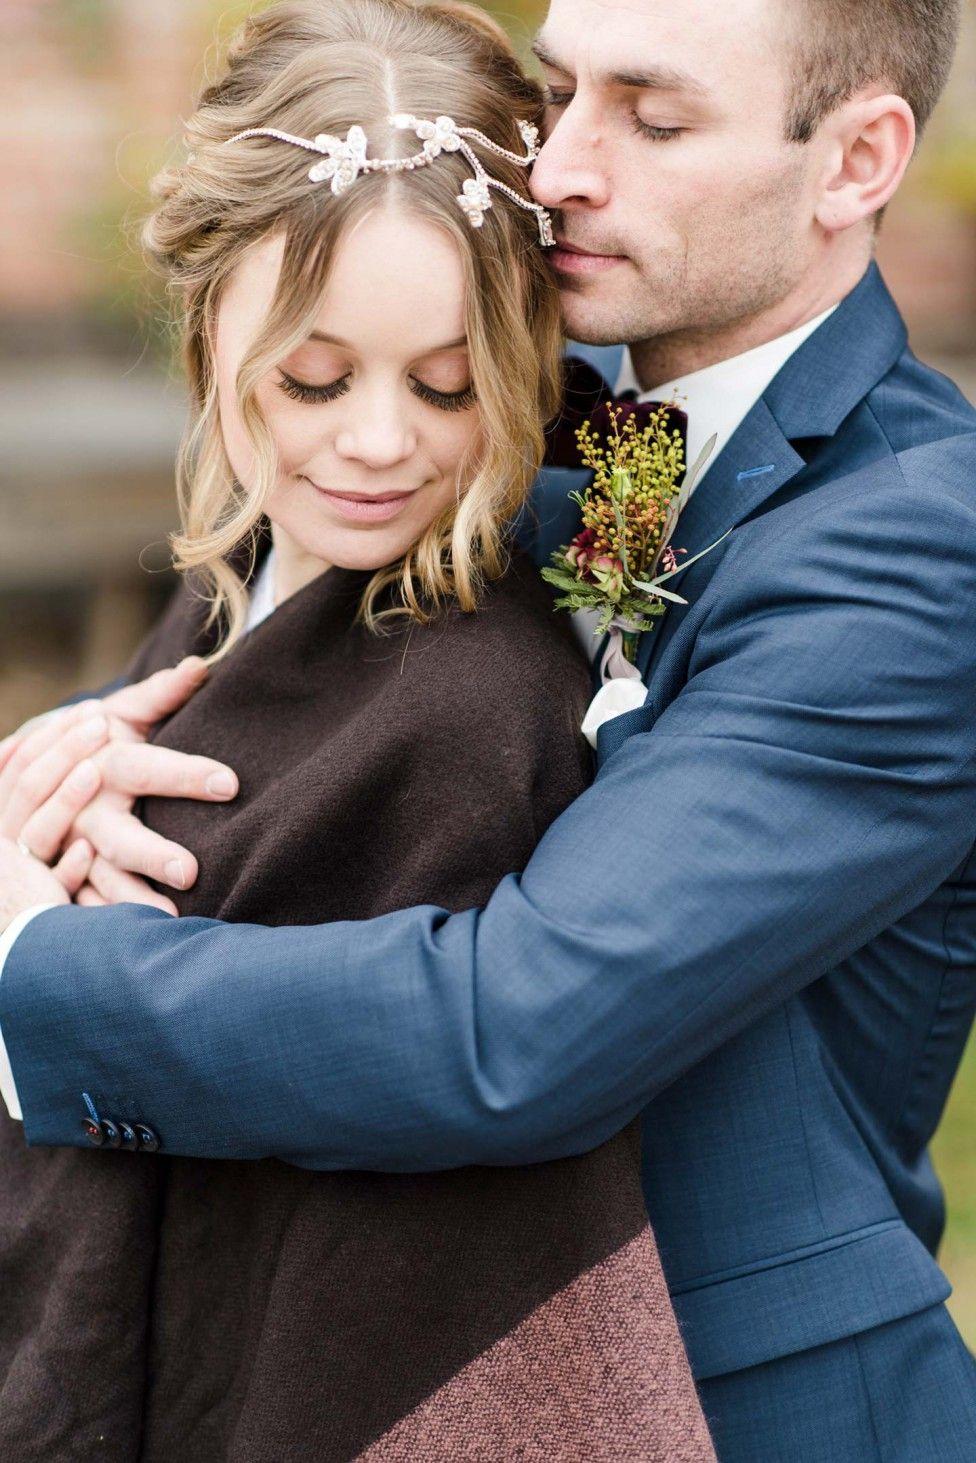 Ann Kathrin Johannes Liebe Auf Den Ersten Blick Rebecca Conte Http Www Hochzeitswahn De Inspiratio Hochzeit Liebe Auf Den Ersten Blick Hochzeitsfotografie